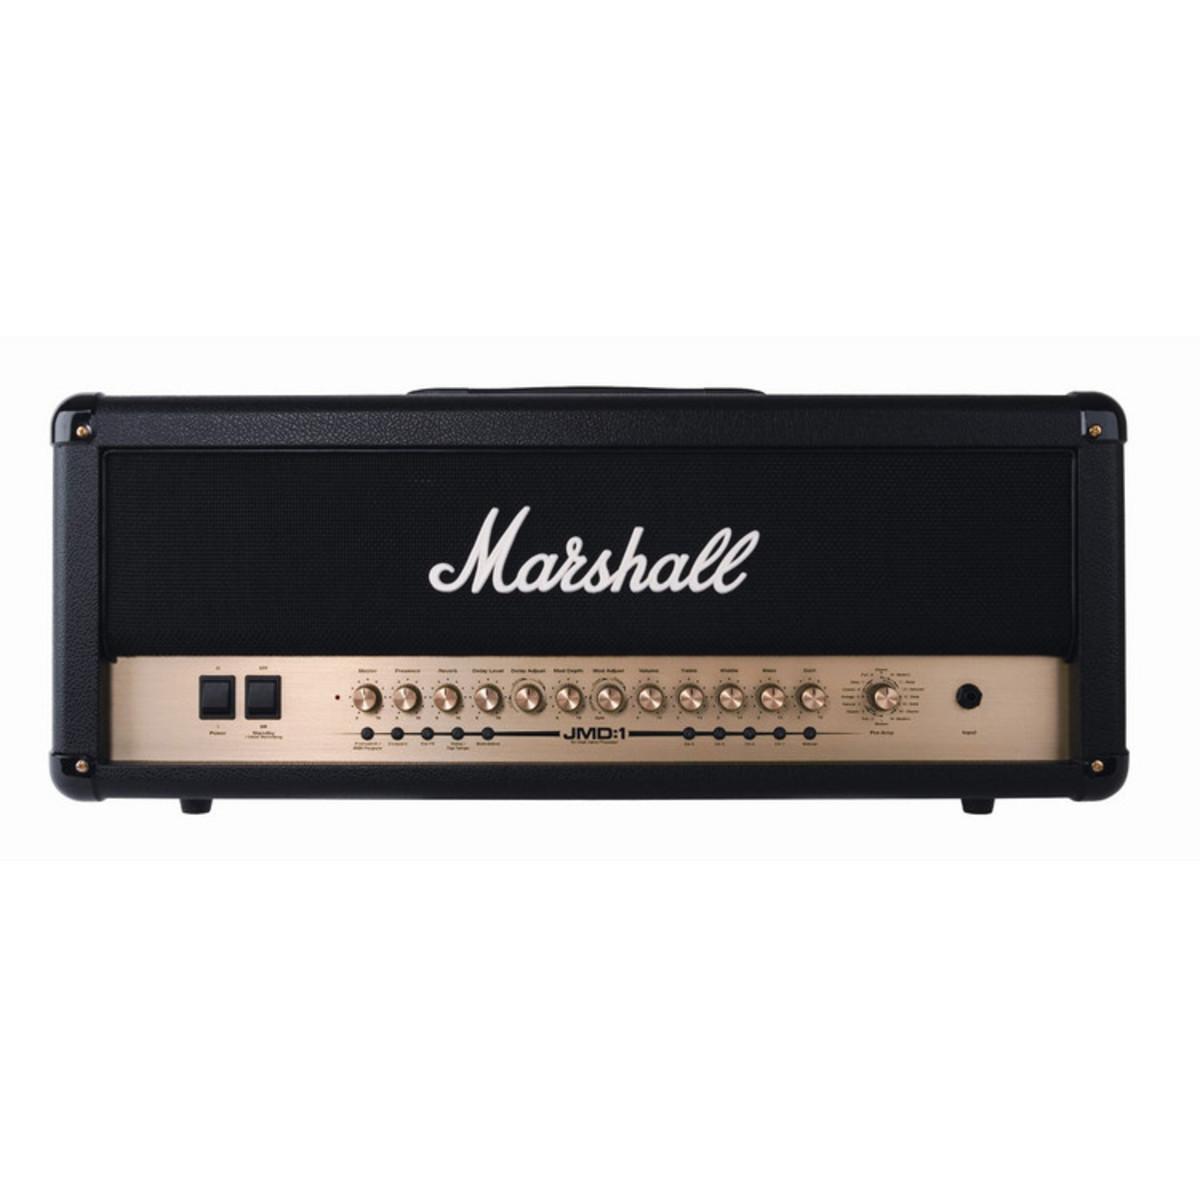 Marshall JMD50 50W Rörförstärkartopp med MX212 Kabinett  ebc742a8506f5